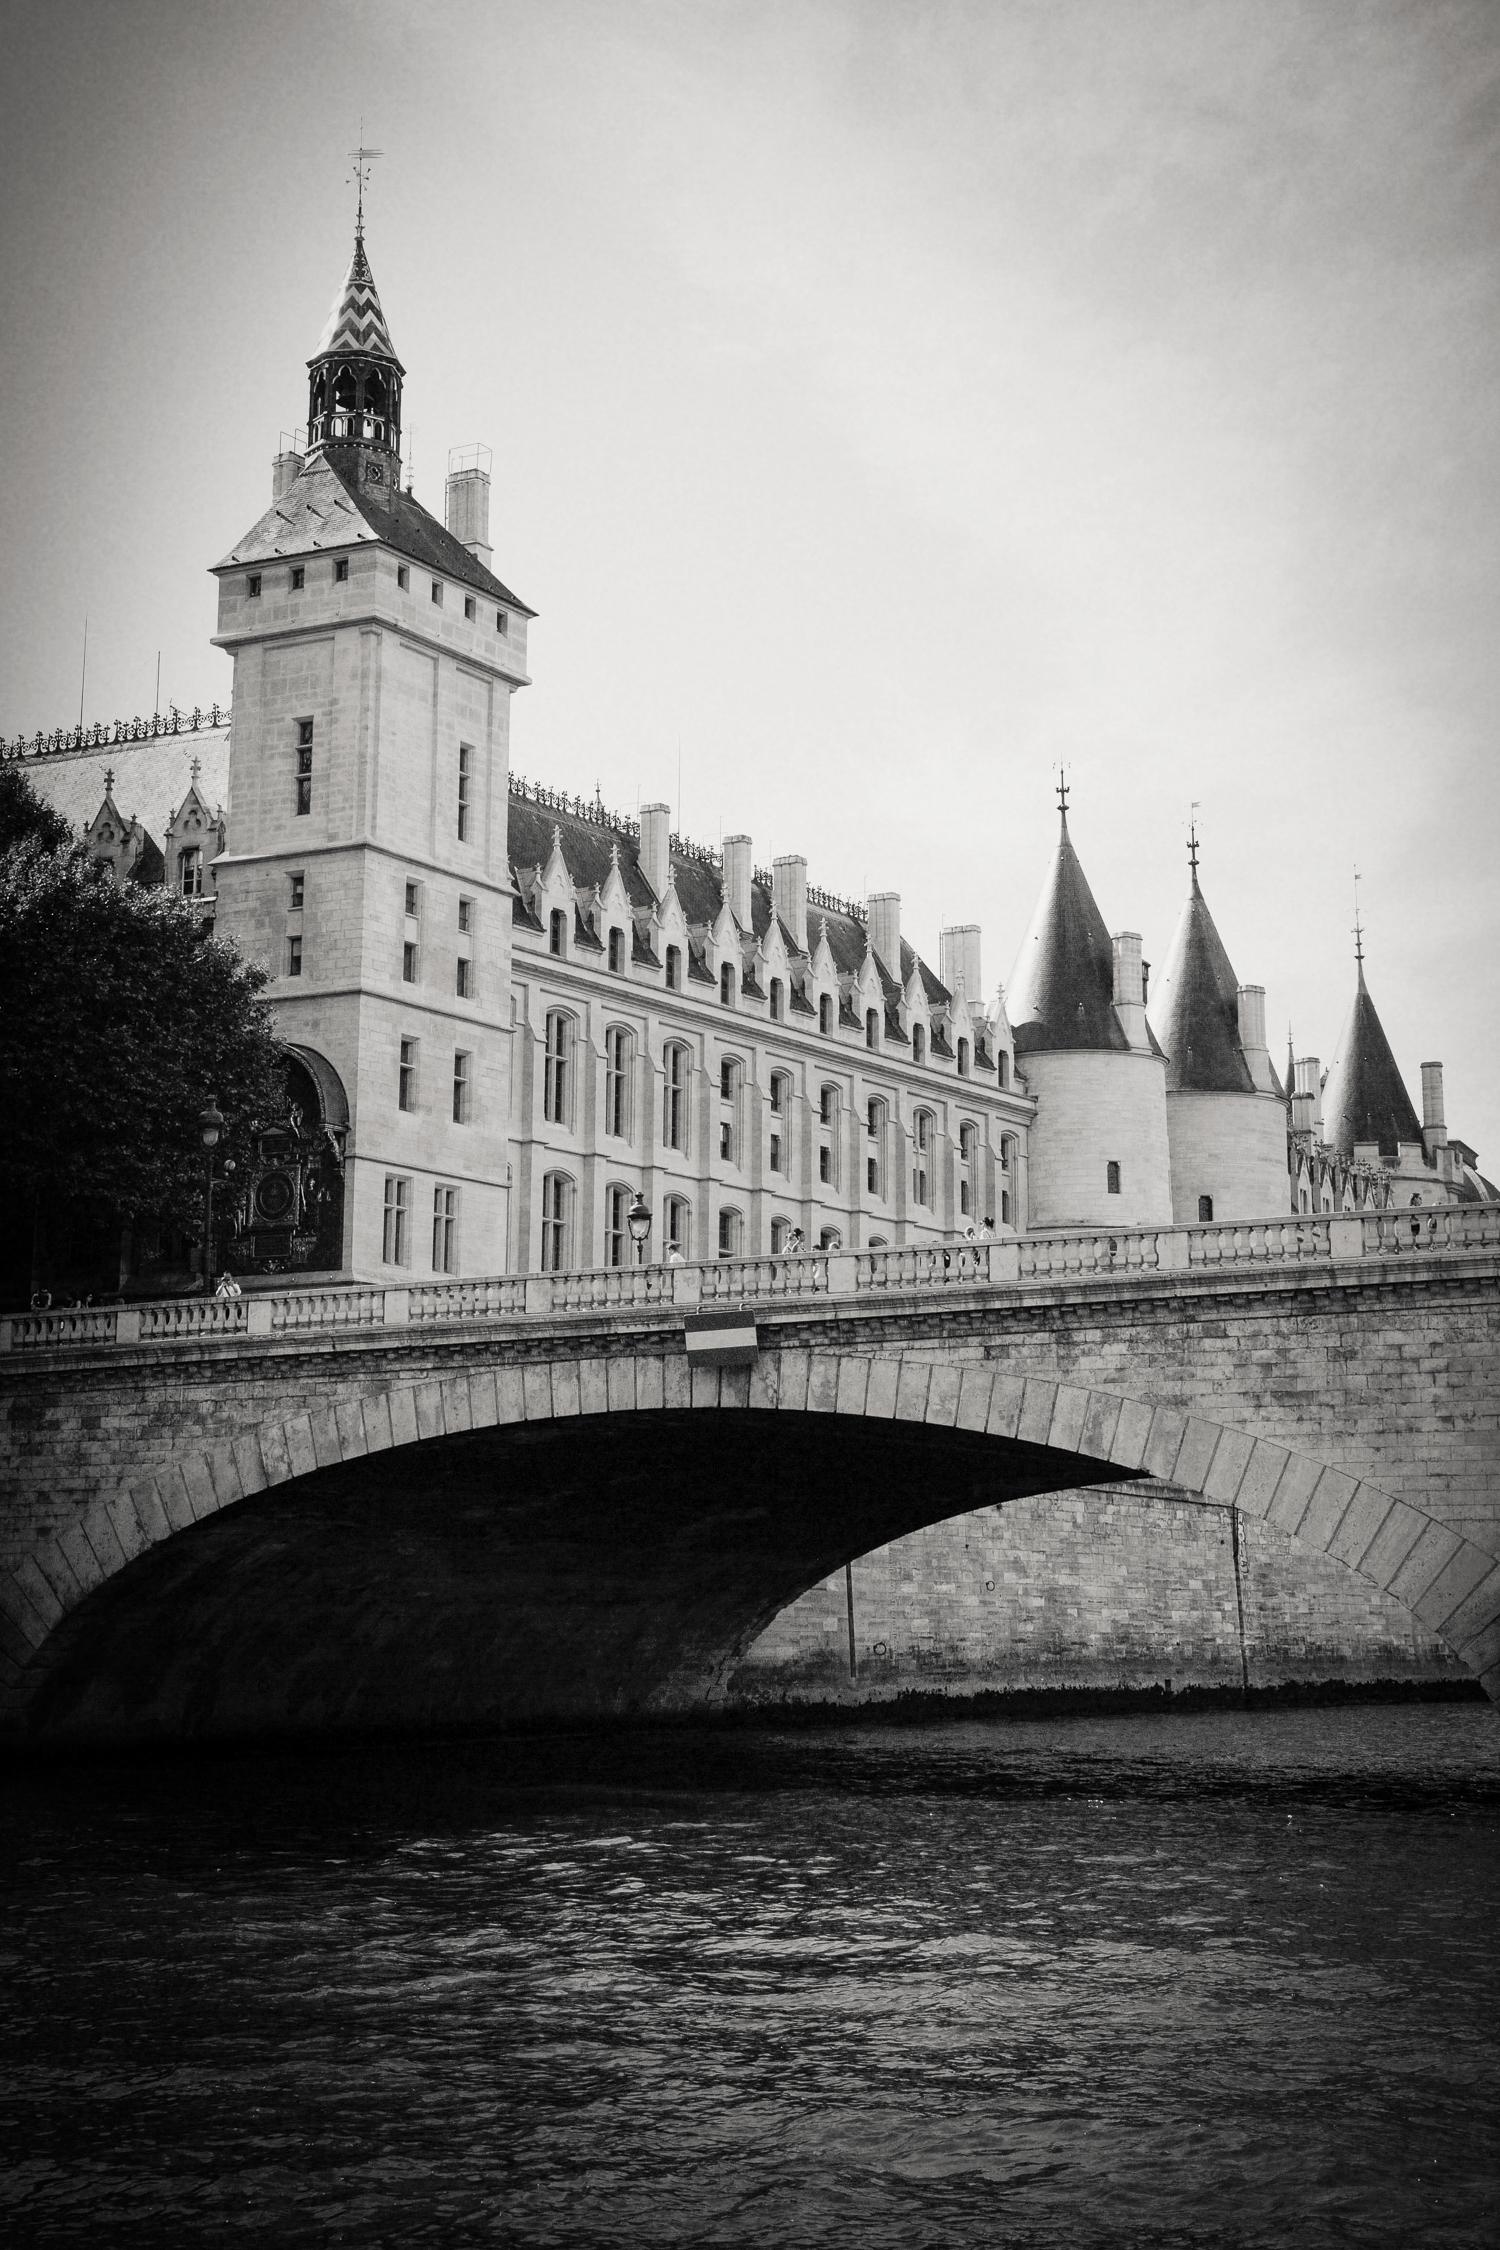 The Conciergerie, River Seine, Paris 2014.